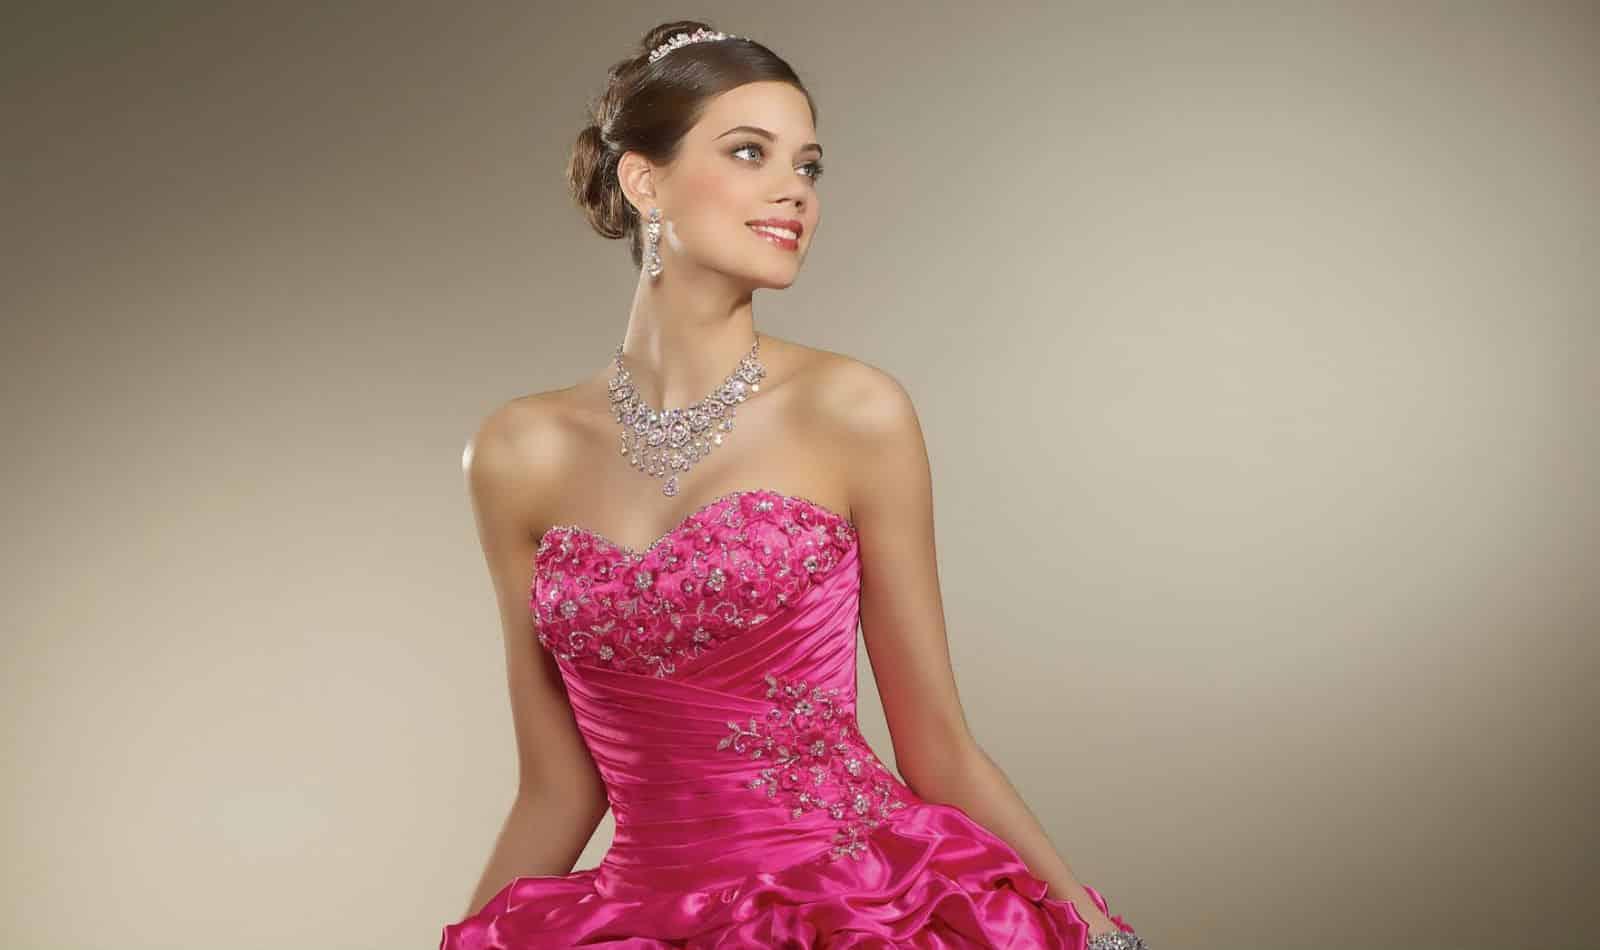 fef4af9e6 Los mejores vestidos de 15 años que toda quinceañera desea - Mujeres  Femeninas